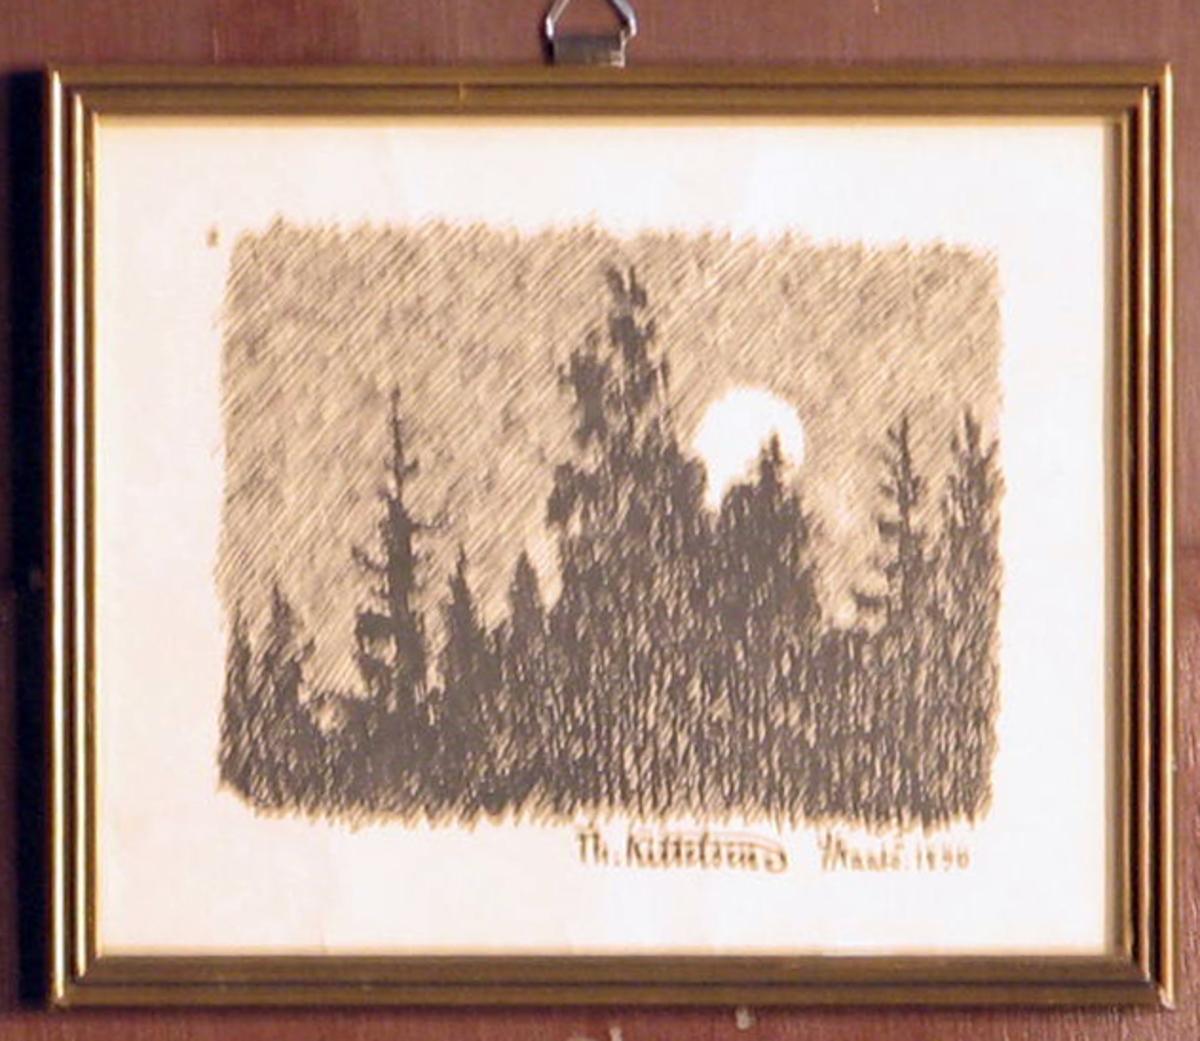 Rektangulær. Graner i silhouett, sol el. måne.